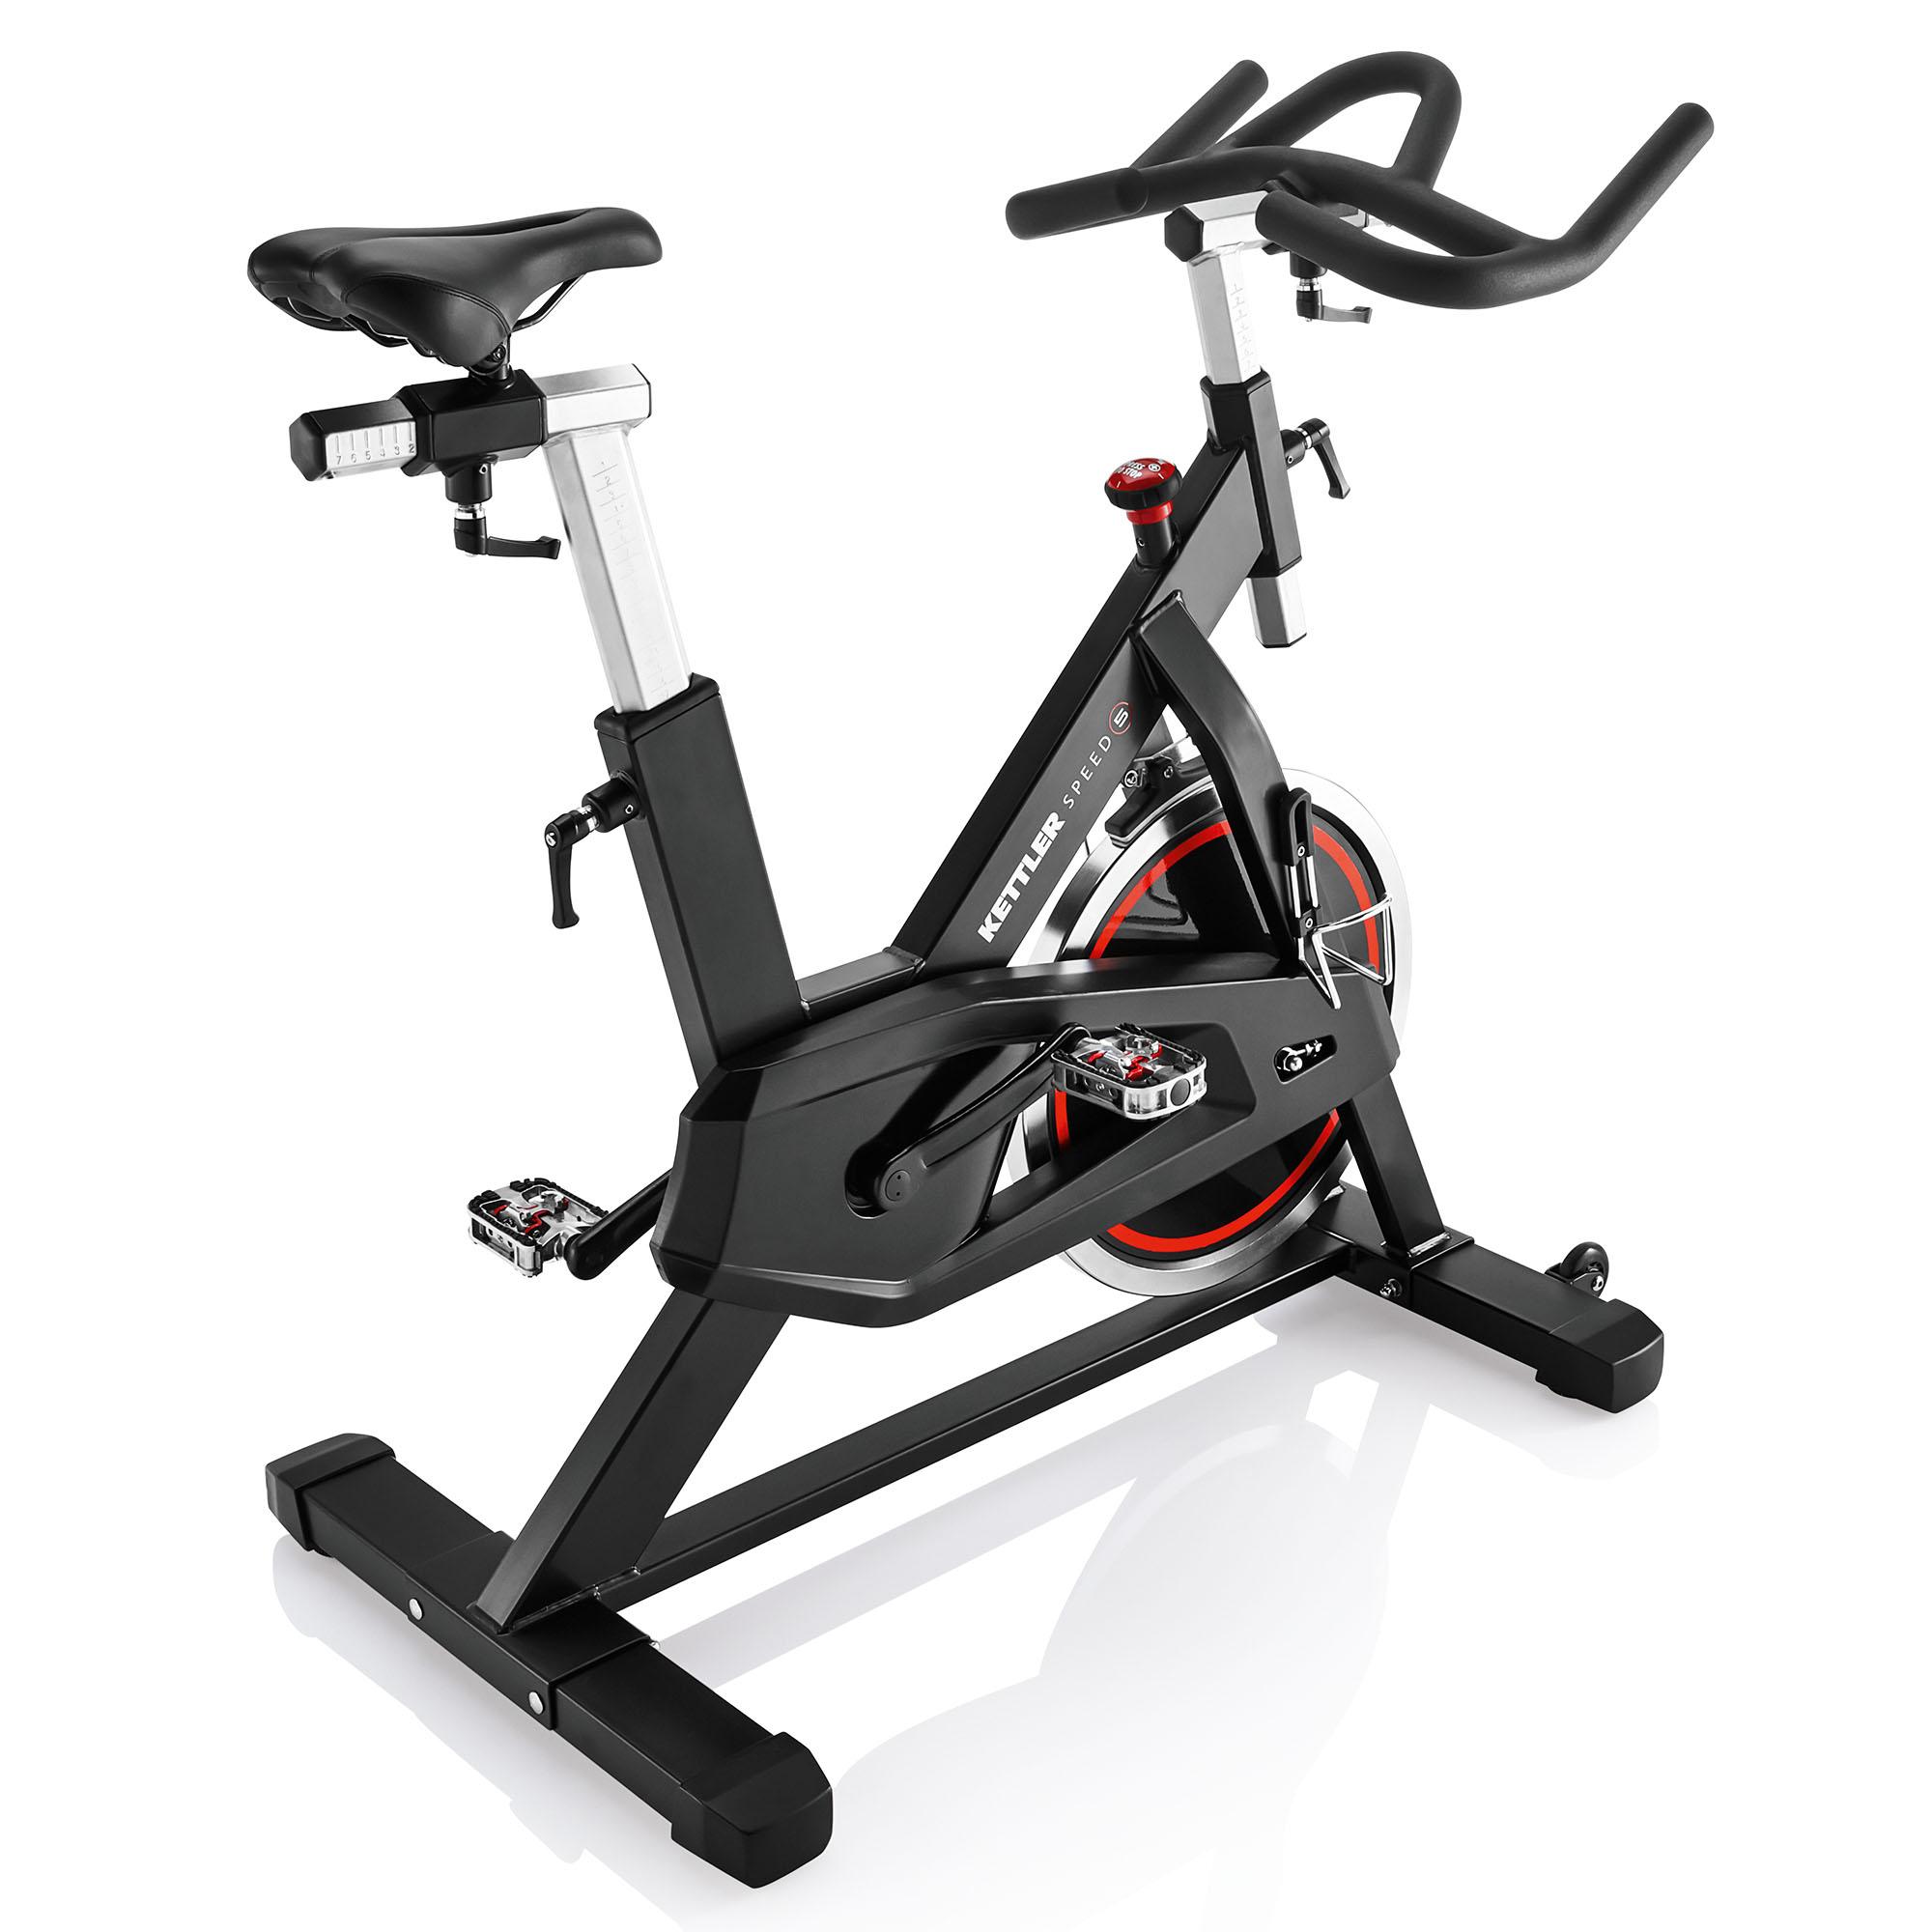 kettler racer 1 indoor cycle. Black Bedroom Furniture Sets. Home Design Ideas